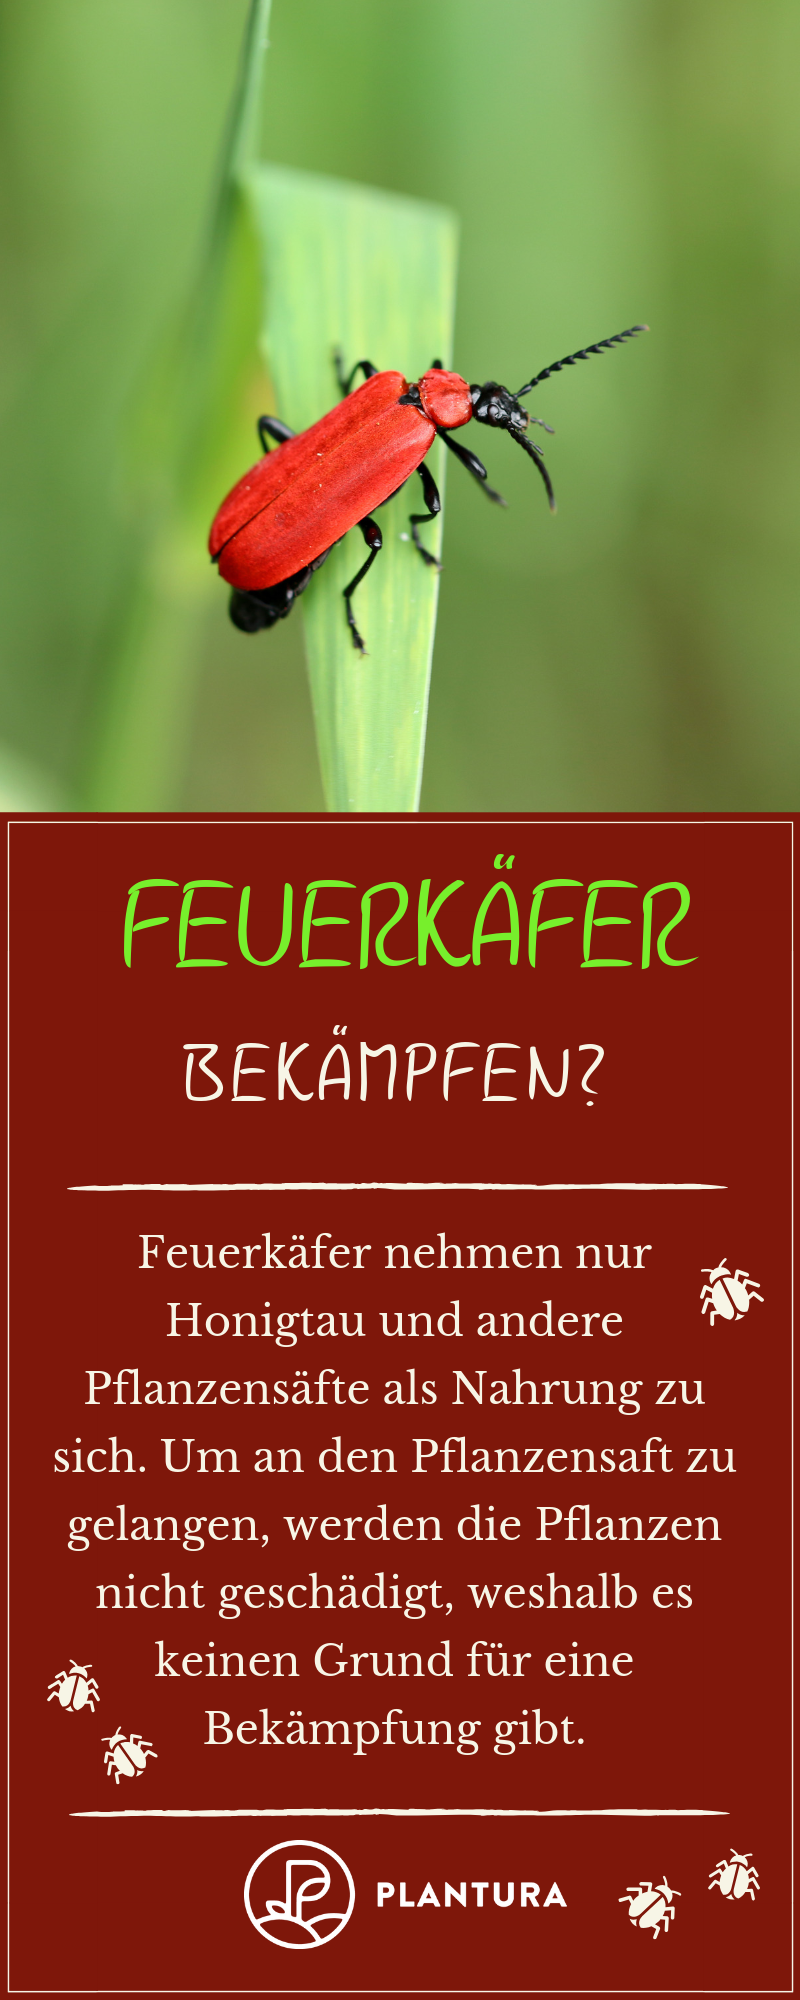 Feuerkafer Giftig Gefahrlich Plantura Pflanzen Gartentipps Pflanzenschutz